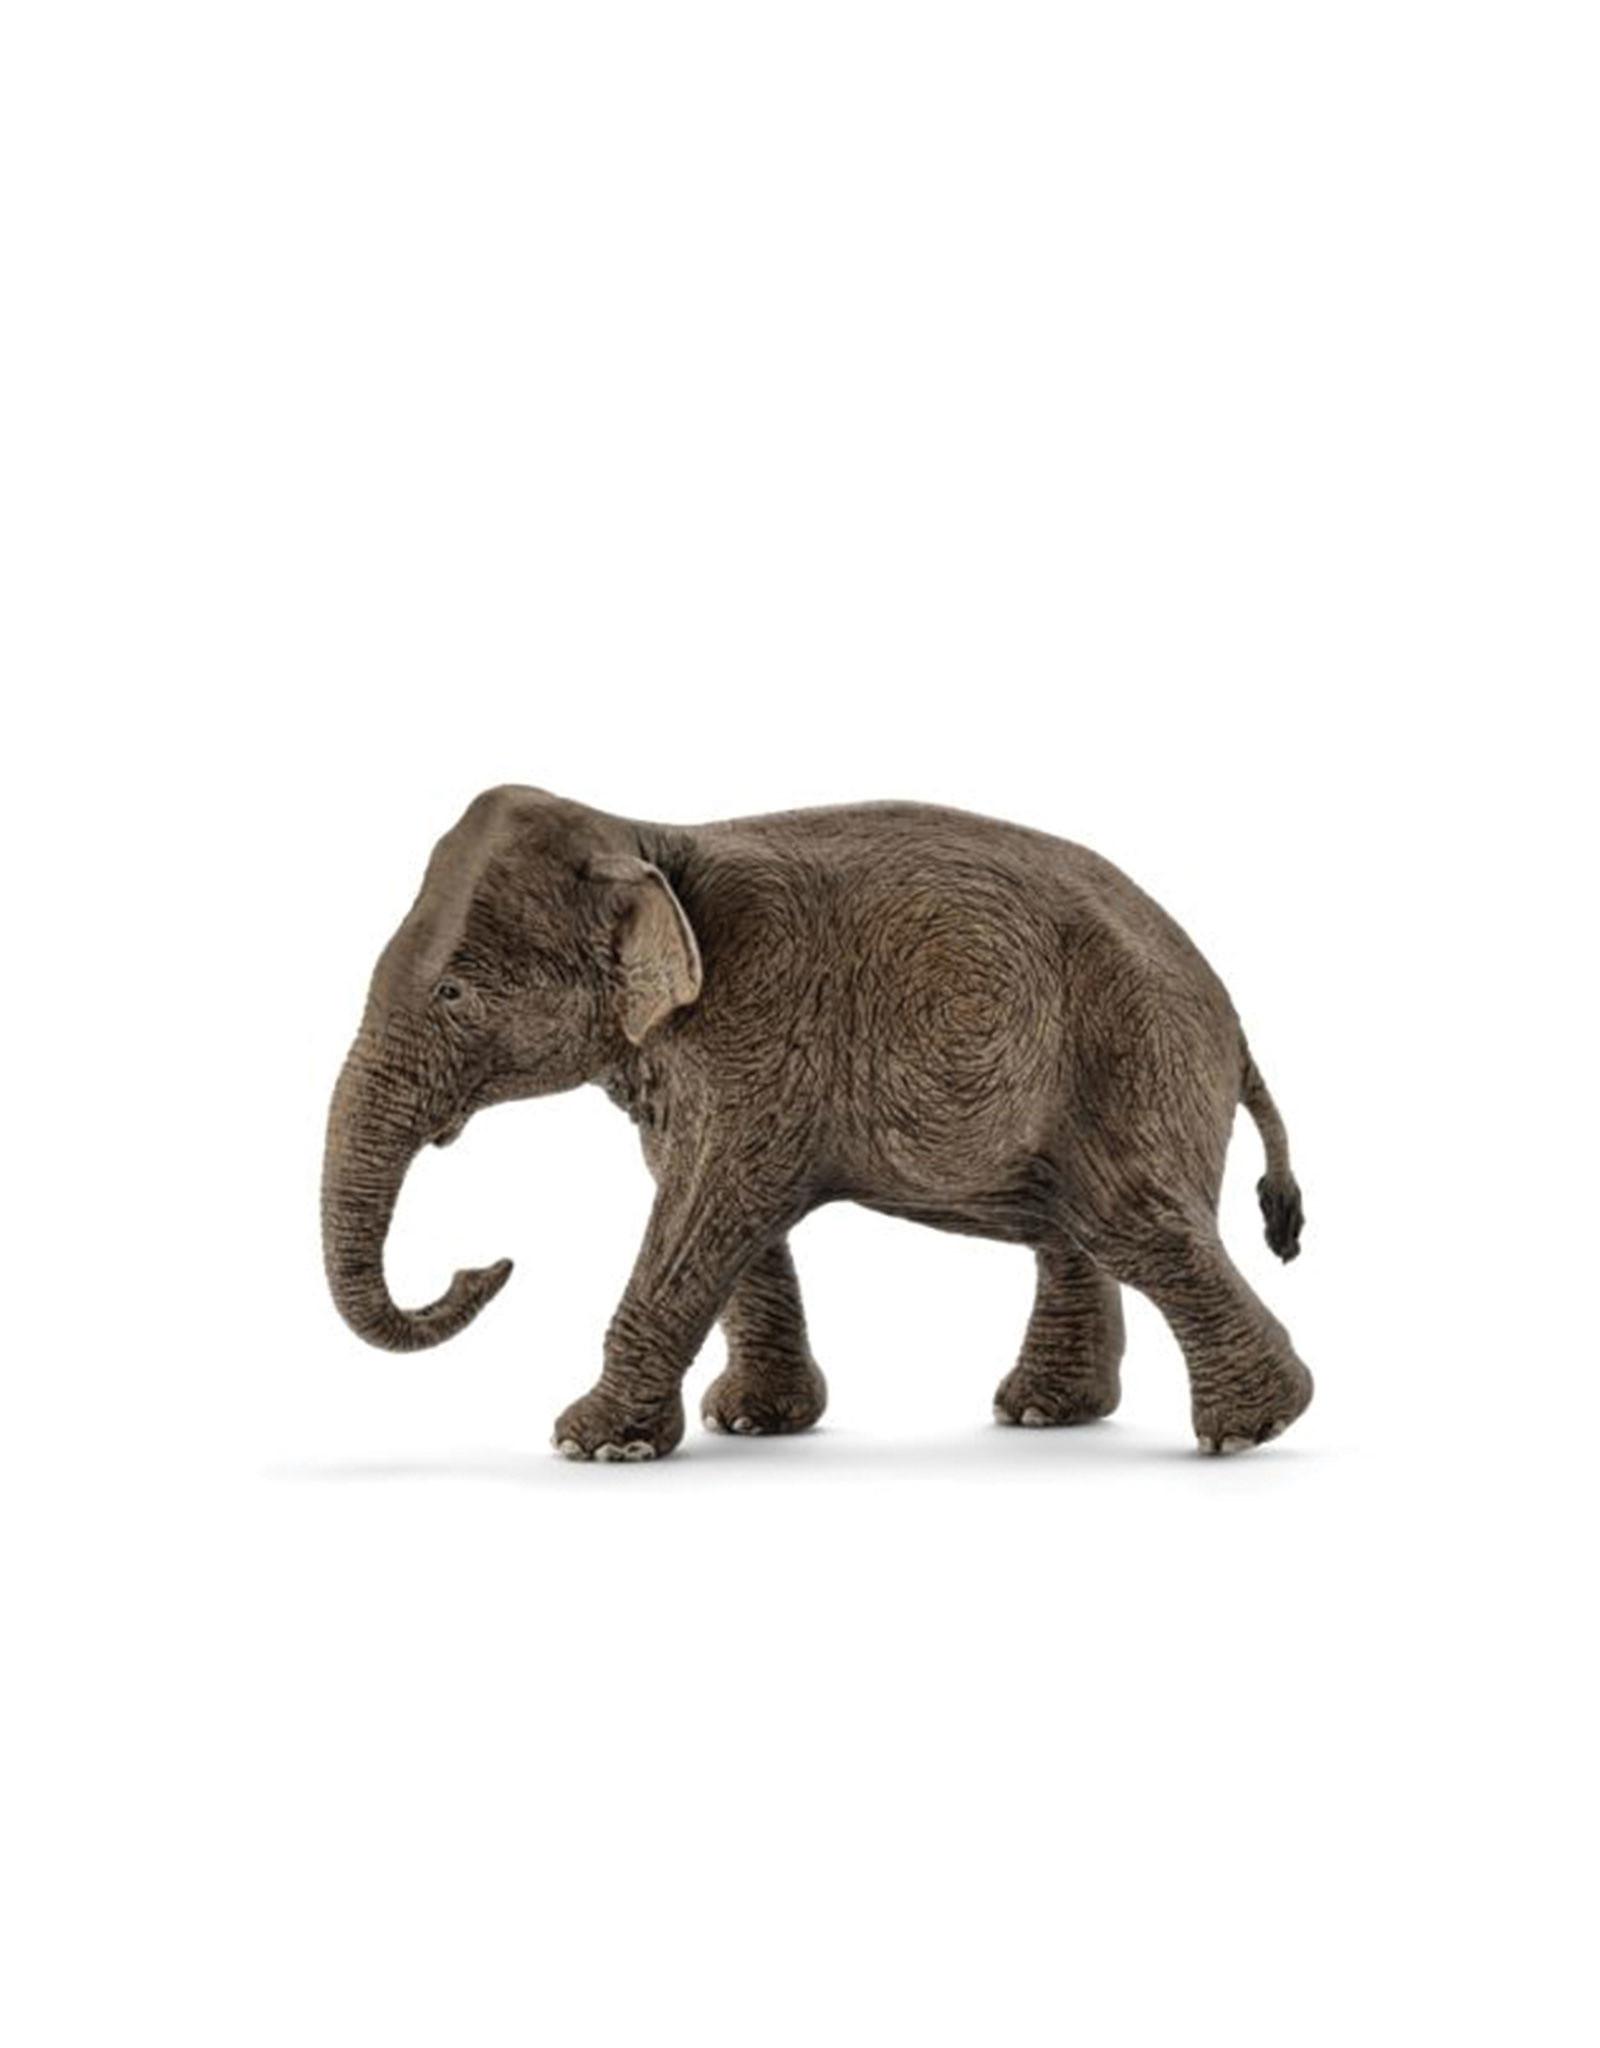 Schleich Animal - Female Asian Elephant